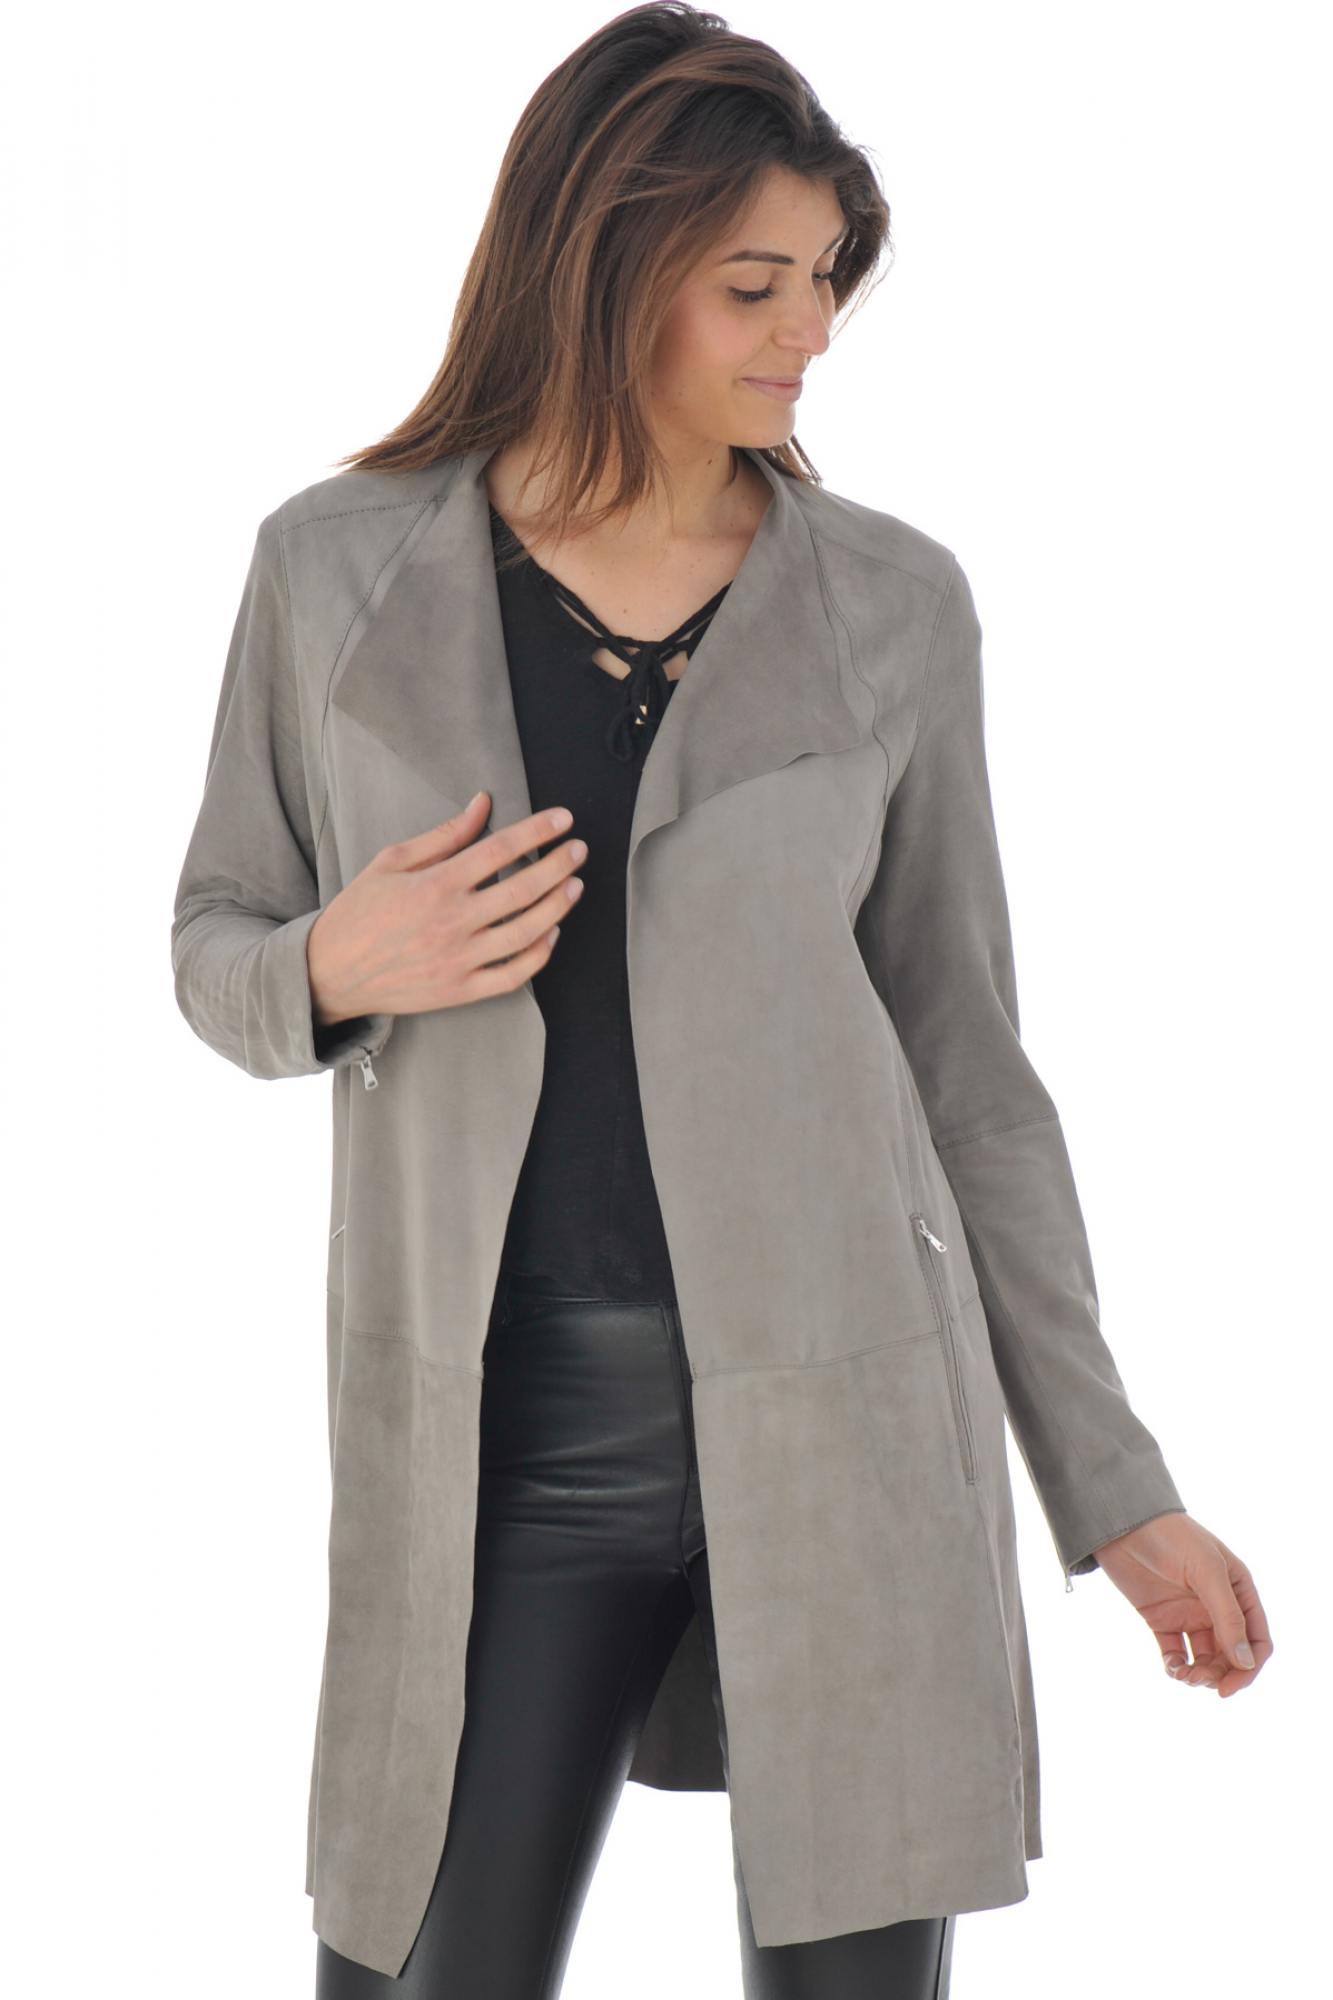 manteau femme cuir pas cher manteau femme de laine violet. Black Bedroom Furniture Sets. Home Design Ideas